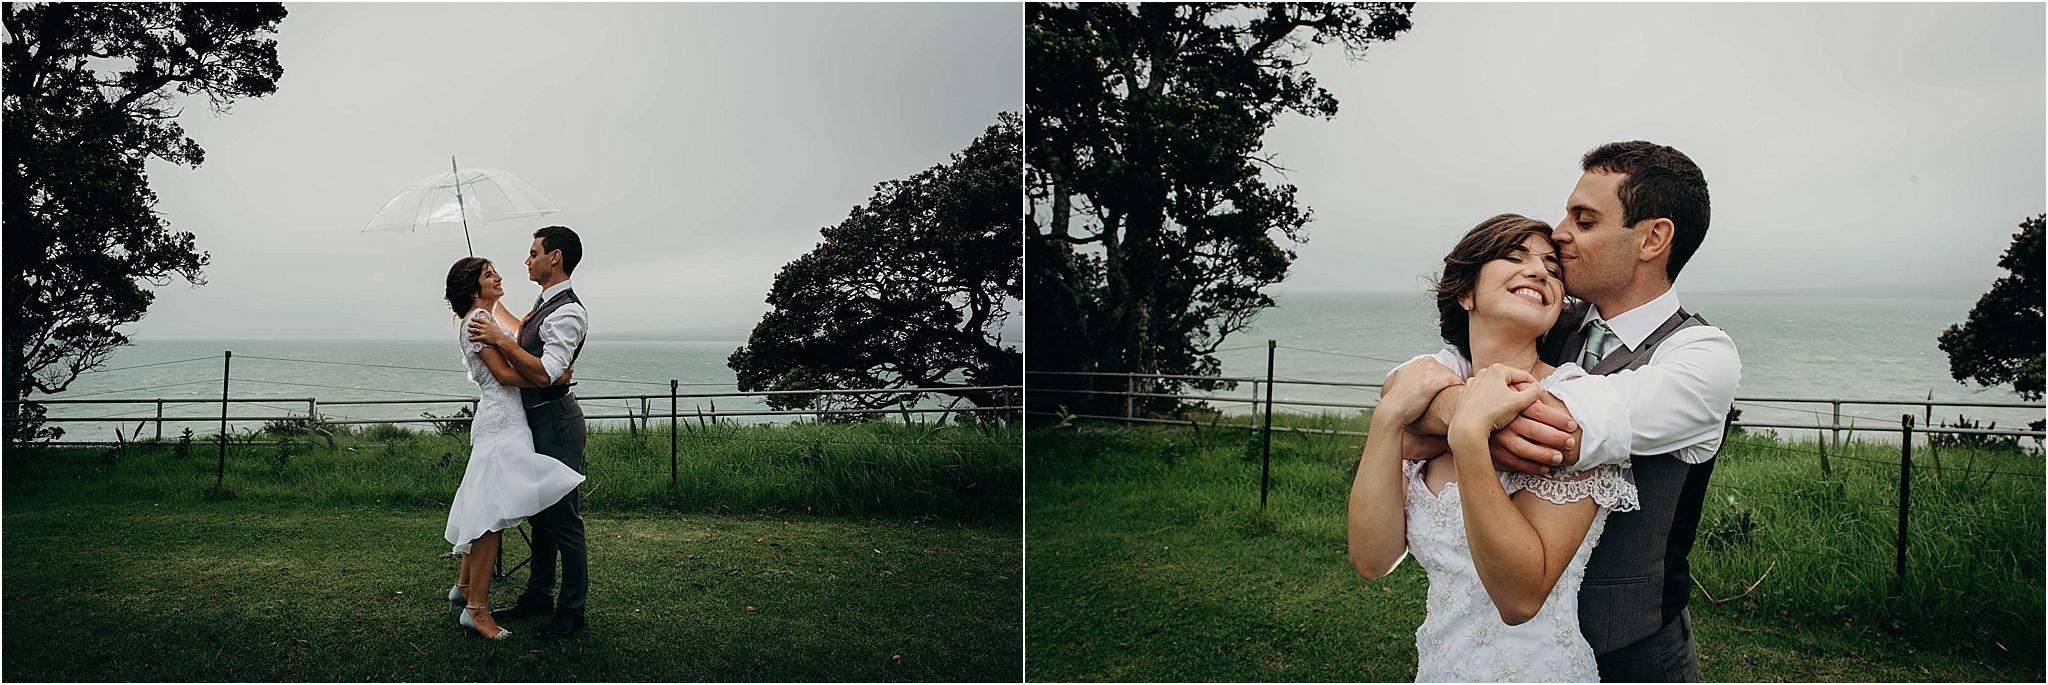 Auckland-Wedding-Photographer-Vanessa-Julian-Officers-Mess-Married_0031.jpg